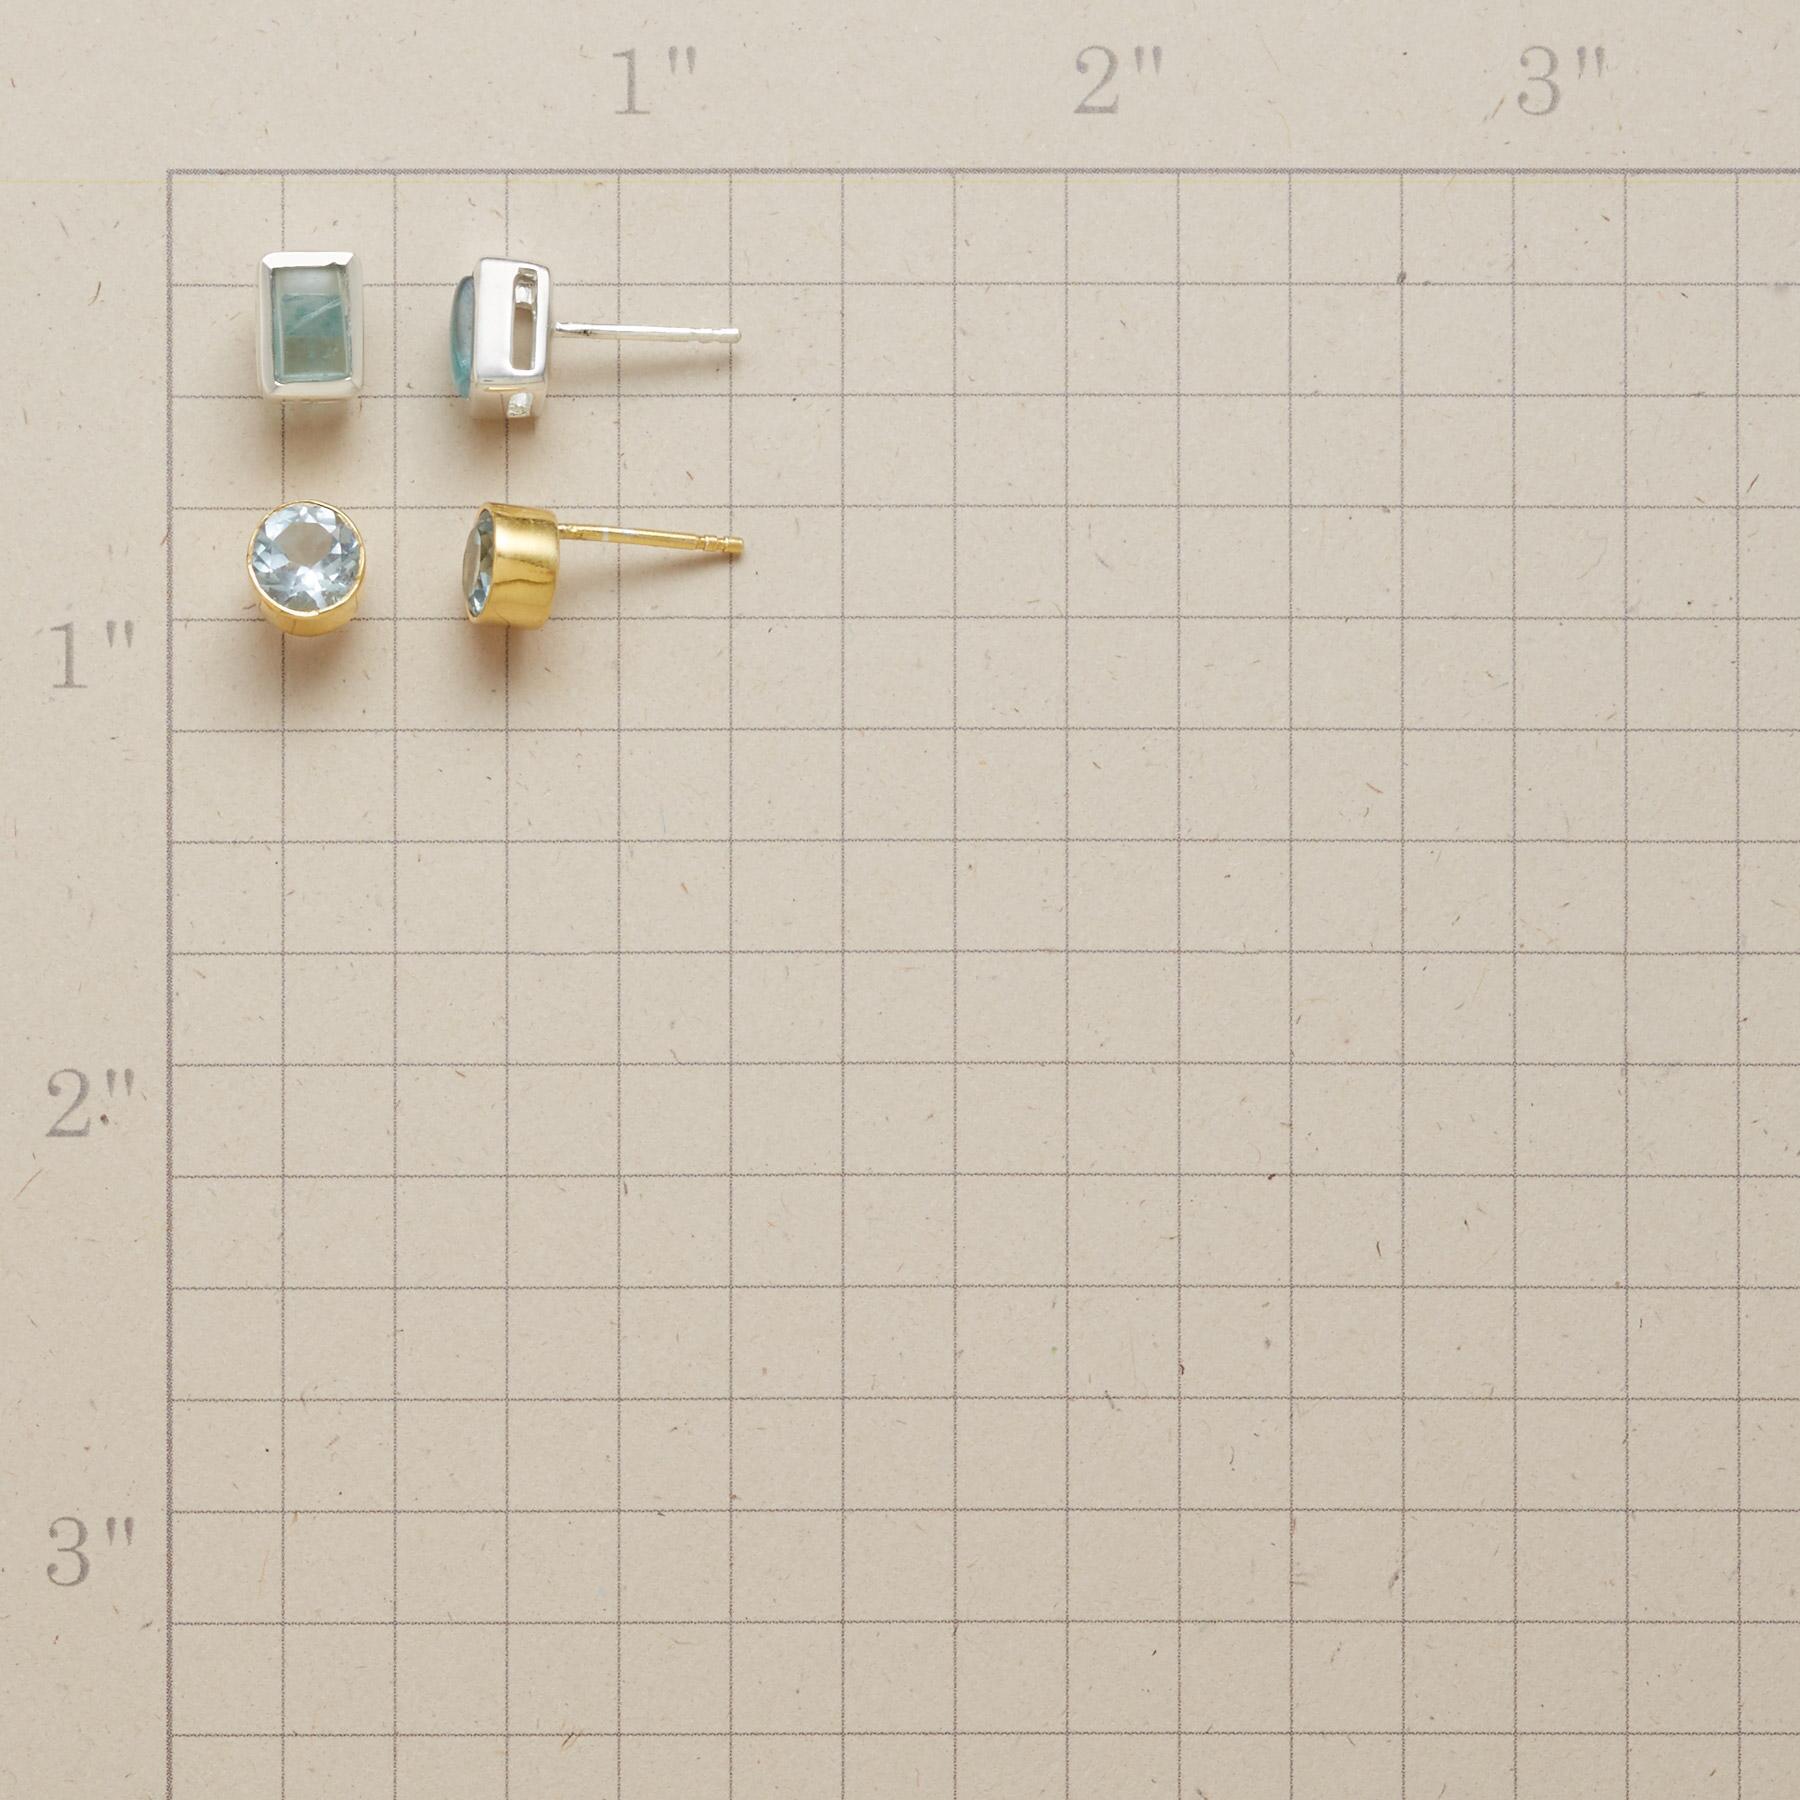 BLUE DUO EARRING SET: View 2